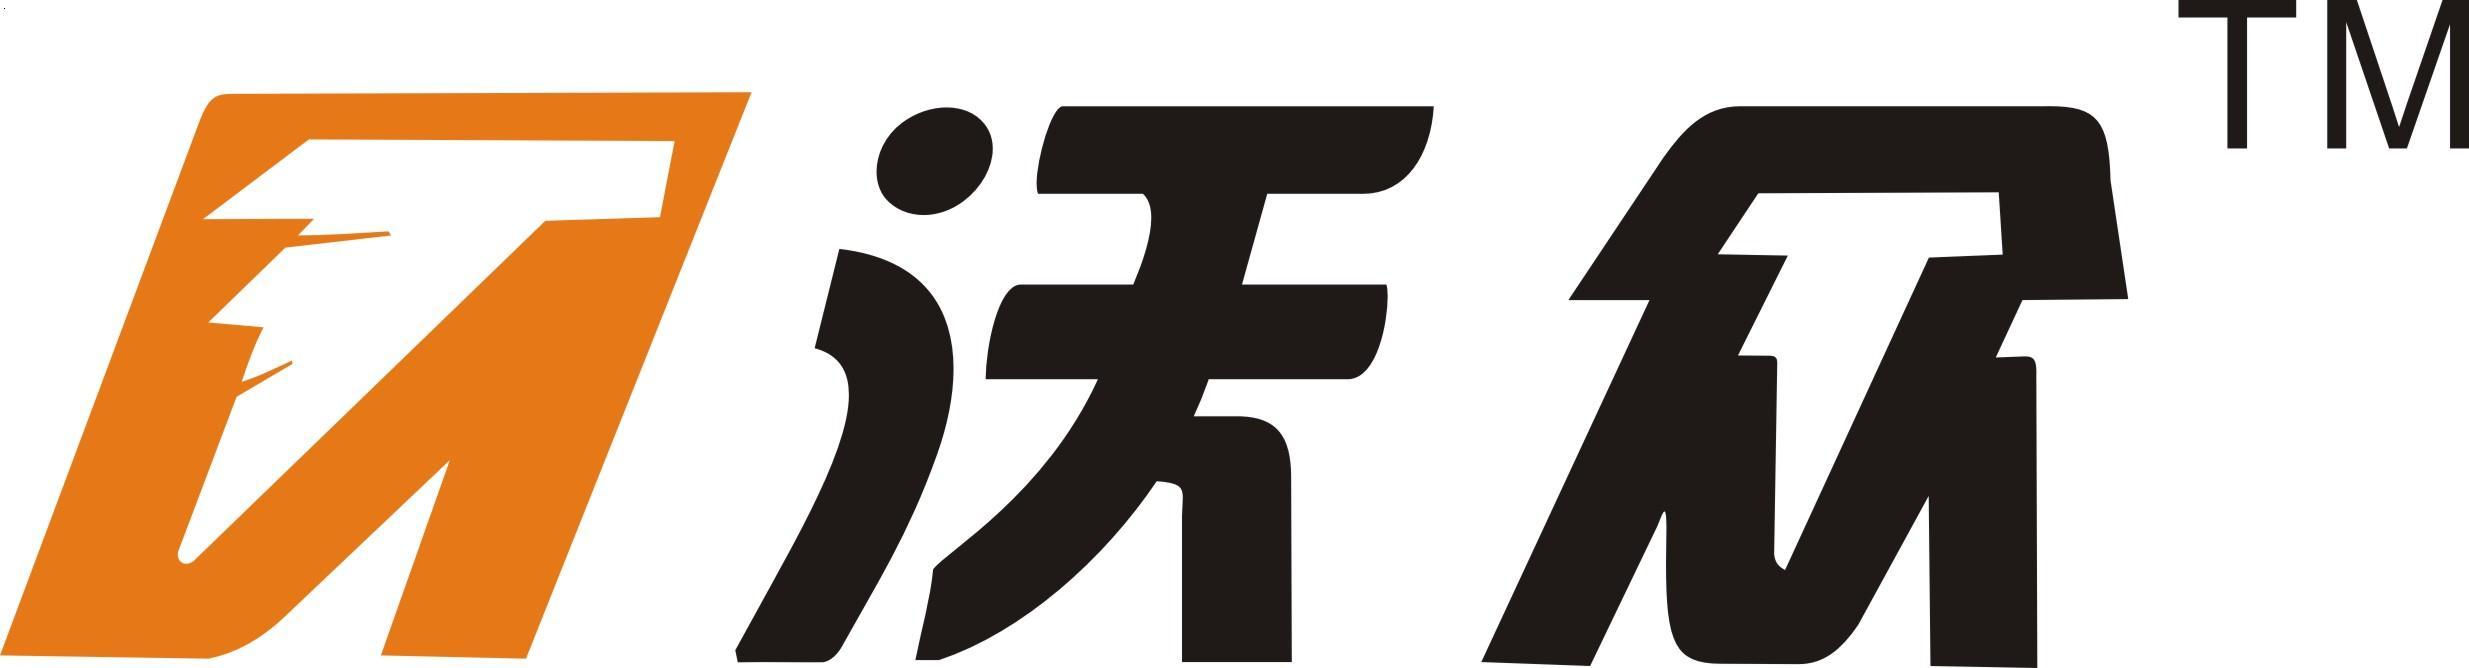 logo 标识 标志 设计 矢量 矢量图 素材 图标 2469_668